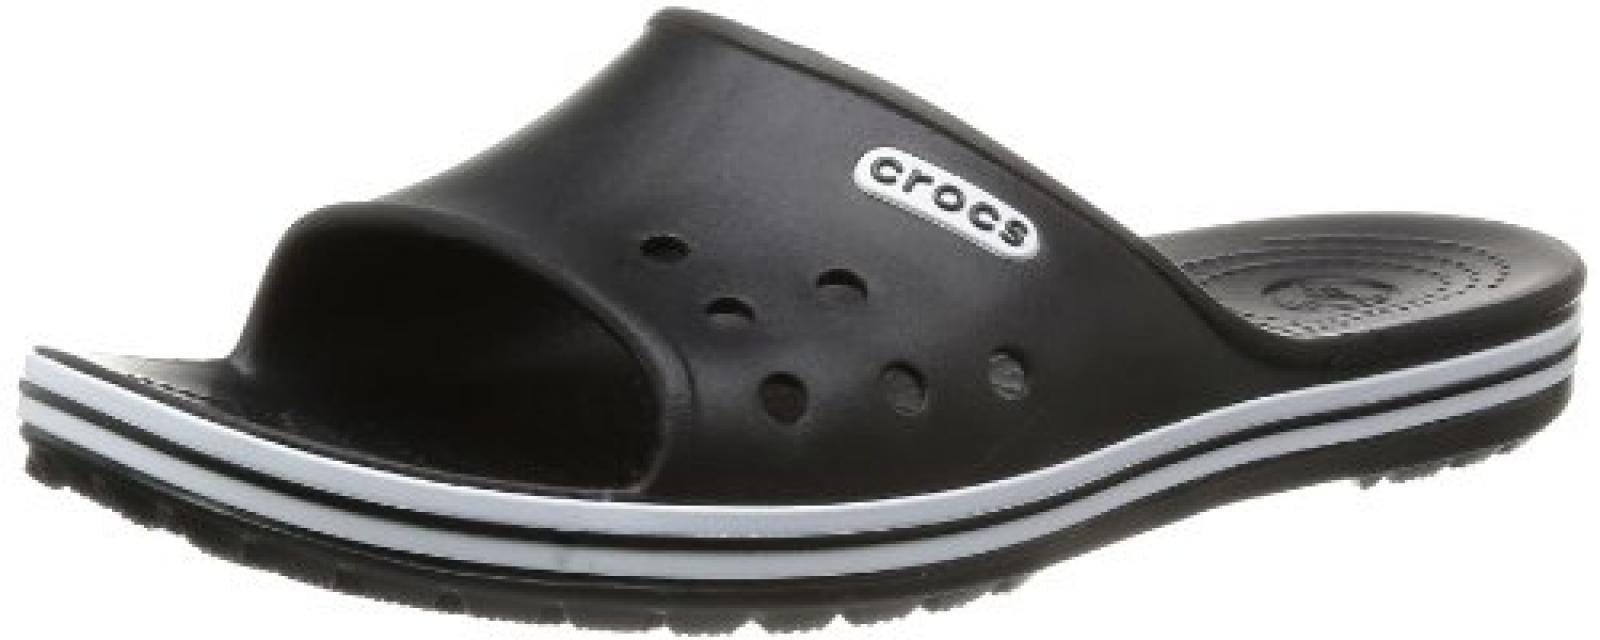 crocs Crocband LowPro Slide 15692 Herren Dusch- & Badeschuhe